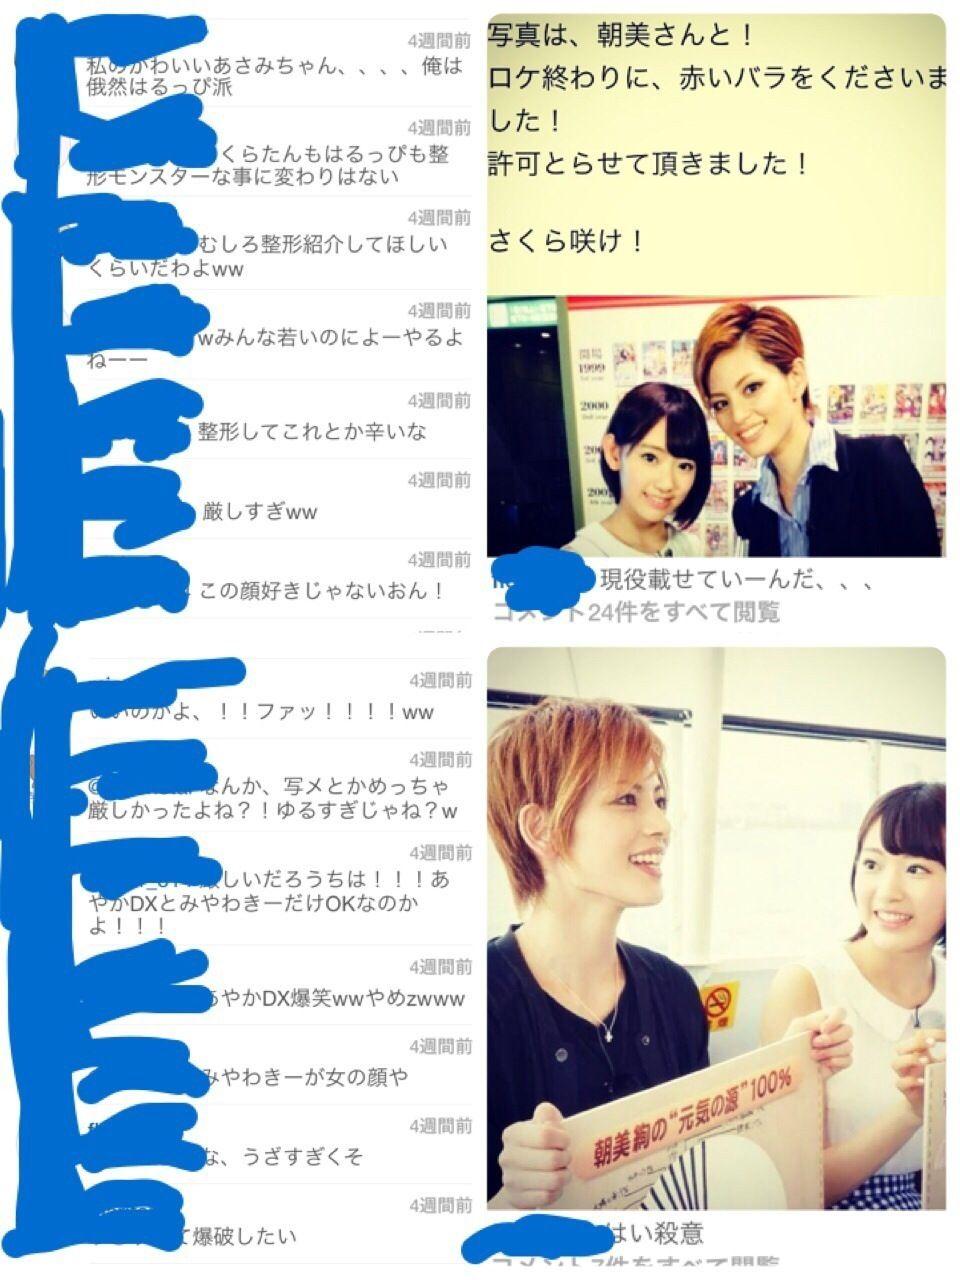 https://livedoor.blogimg.jp/hellopro2ch/imgs/1/e/1edfd24b.jpg